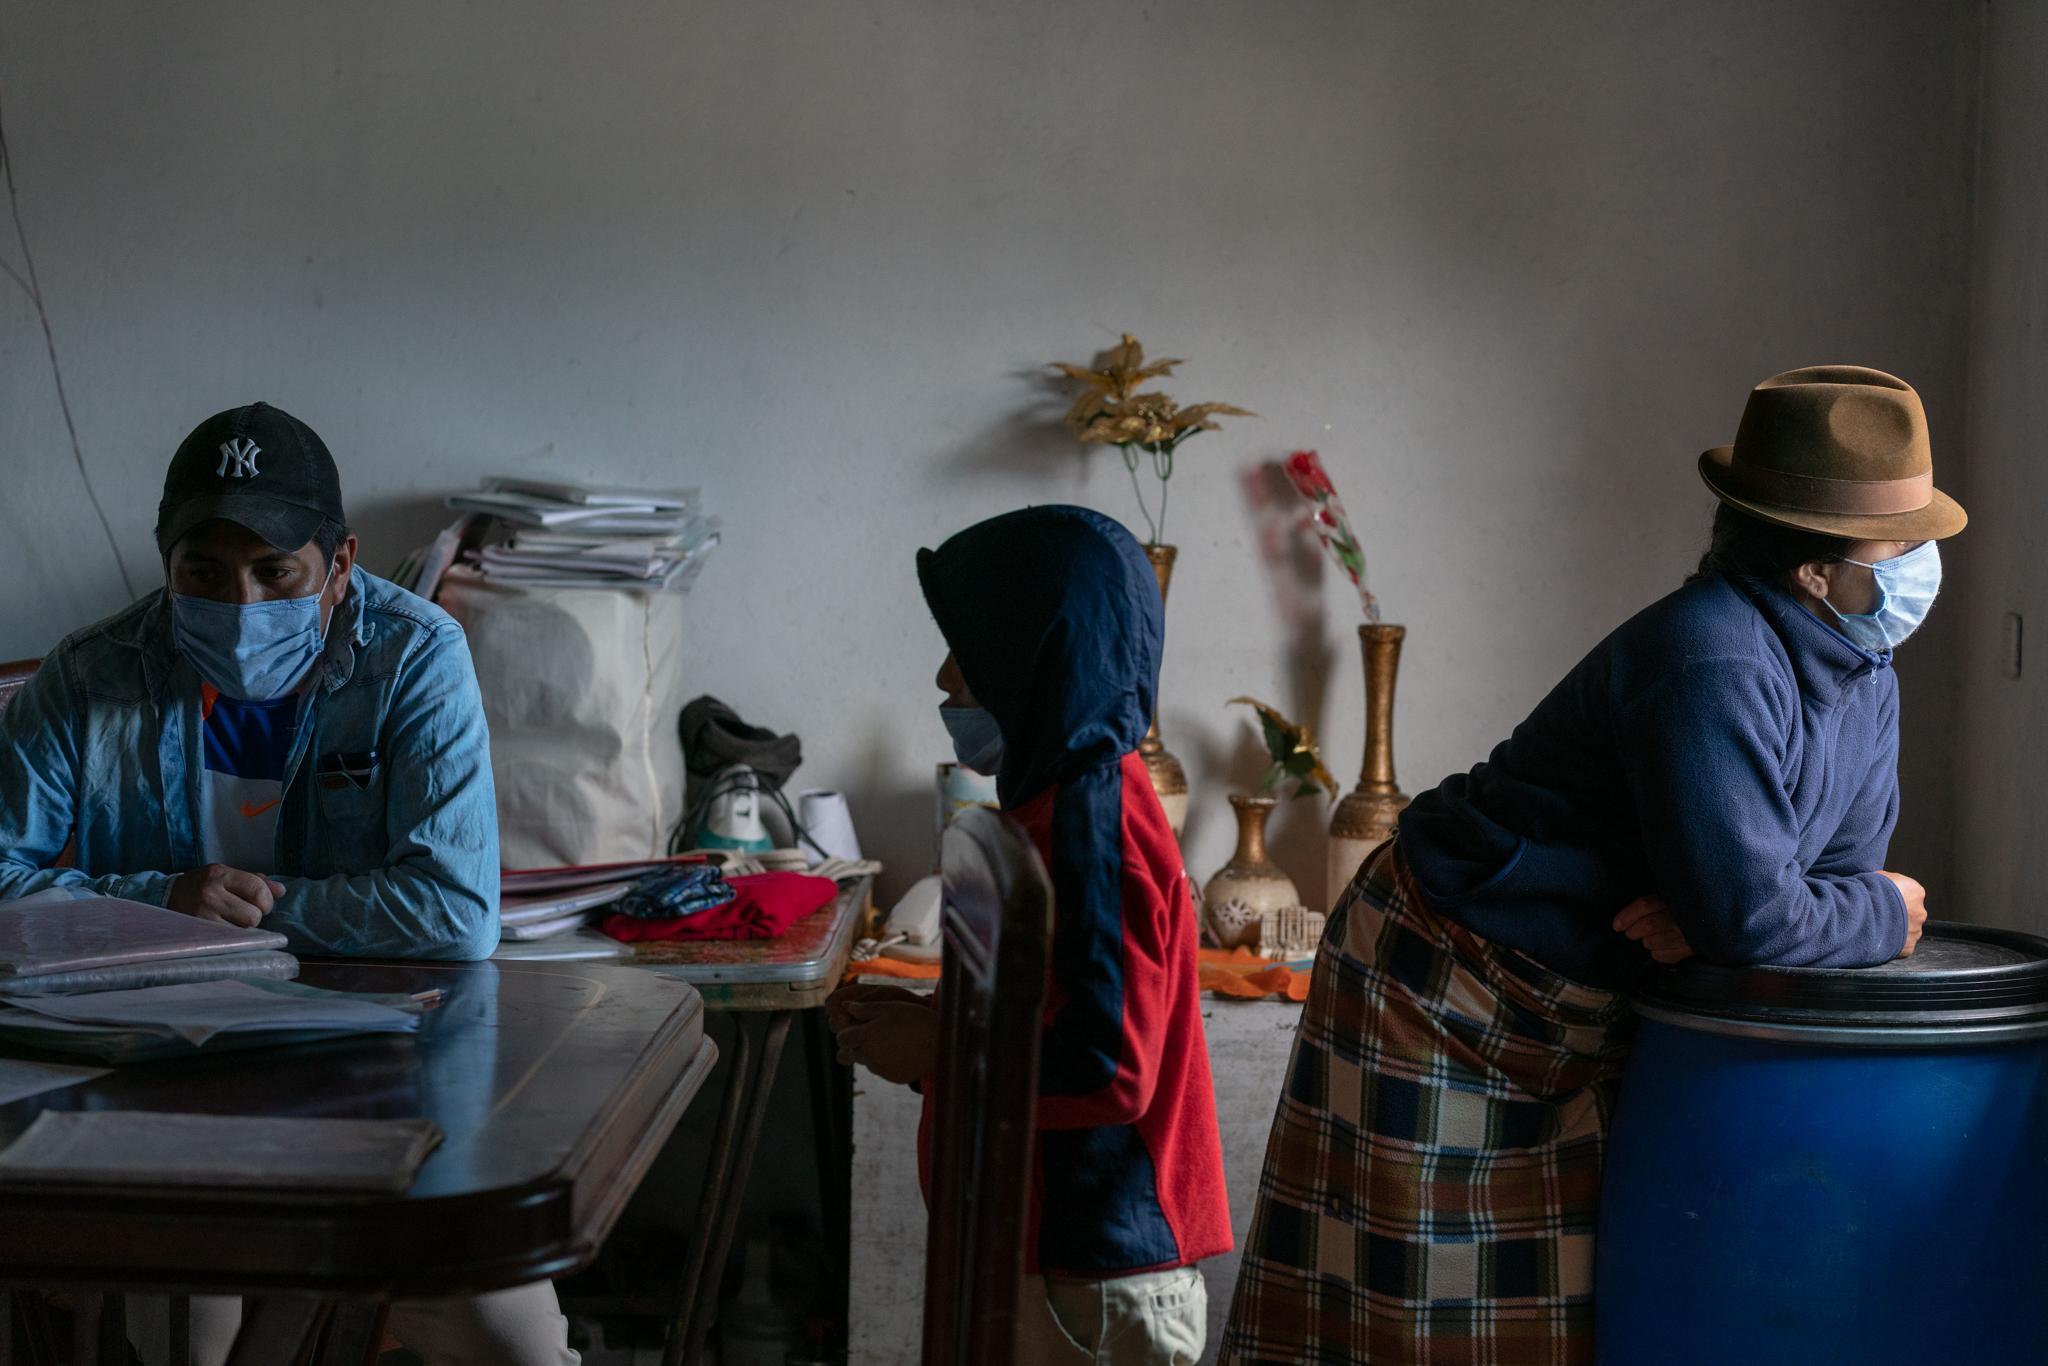 """Rodrigo Cela (34) accompanies his children while they do their homework. María Blanca Quishpe (35) looks out the window to see what happens in the neighborhood. Maycol Cela (11) and Verónica Cela (12) are elementary students of the Yachay Wasi Intercultural Bilingual Community School. Located south of Quito, in Ecuador. They live with their older brother Jonathan Cela (14), their mother María Blanca Quishpe (35) and their father Rodrigo Cela (34). At home they do not have an Internet connection and have only a smart phone in which they do not always have data. The school delivers in print form (at the school door) the weekly homework schedule for families who do not have an Internet connection, and teachers follow up through phone calls. They live near their school, in the """"Monjas"""" neighborhood. Her mother works at home and Rodrigo works as a bricklayer. The Covid19 pandemic has affected them tremendously, they have almost no money to buy food. The principals of the Yachay Wasi school invited them to work on the last harvest of their crops so that they can have a small economic income. Photographer: Ana Maria Buitron. Quito, Ecuador. Rodrigo Cela (34) acompaña a sus hijos mientras hacen los deberes. María Blanca Quishpe (35) mira por la ventana a ver qué pasa en el barrio. Maycol Cela (11) y Verónica Cela (12) son estudiantes de primaria de la Escuela Comunitaria Intercultural Bilingüe Yachay Wasi. Ubicada al sur de Quito, en Ecuador. Viven con a su hermano mayor Jonathan (14), su madre María Blanca Quishpe (35) y su padre Rodrigo Cela (34). En casa no tienen conexión a Internet y tienen solo un celular inteligente en el cual no siempre tiene datos. La escuela entrega de forma impresa (en la puerta de la escuela) la programación semanal de tareas, para las familias que no tienen Internet, y los profesores dan seguimiento a través de llamadas telefónicas. Viven cerca de su escuela, en el barrio """"Monjas"""". Su madre trabaja en las labore"""